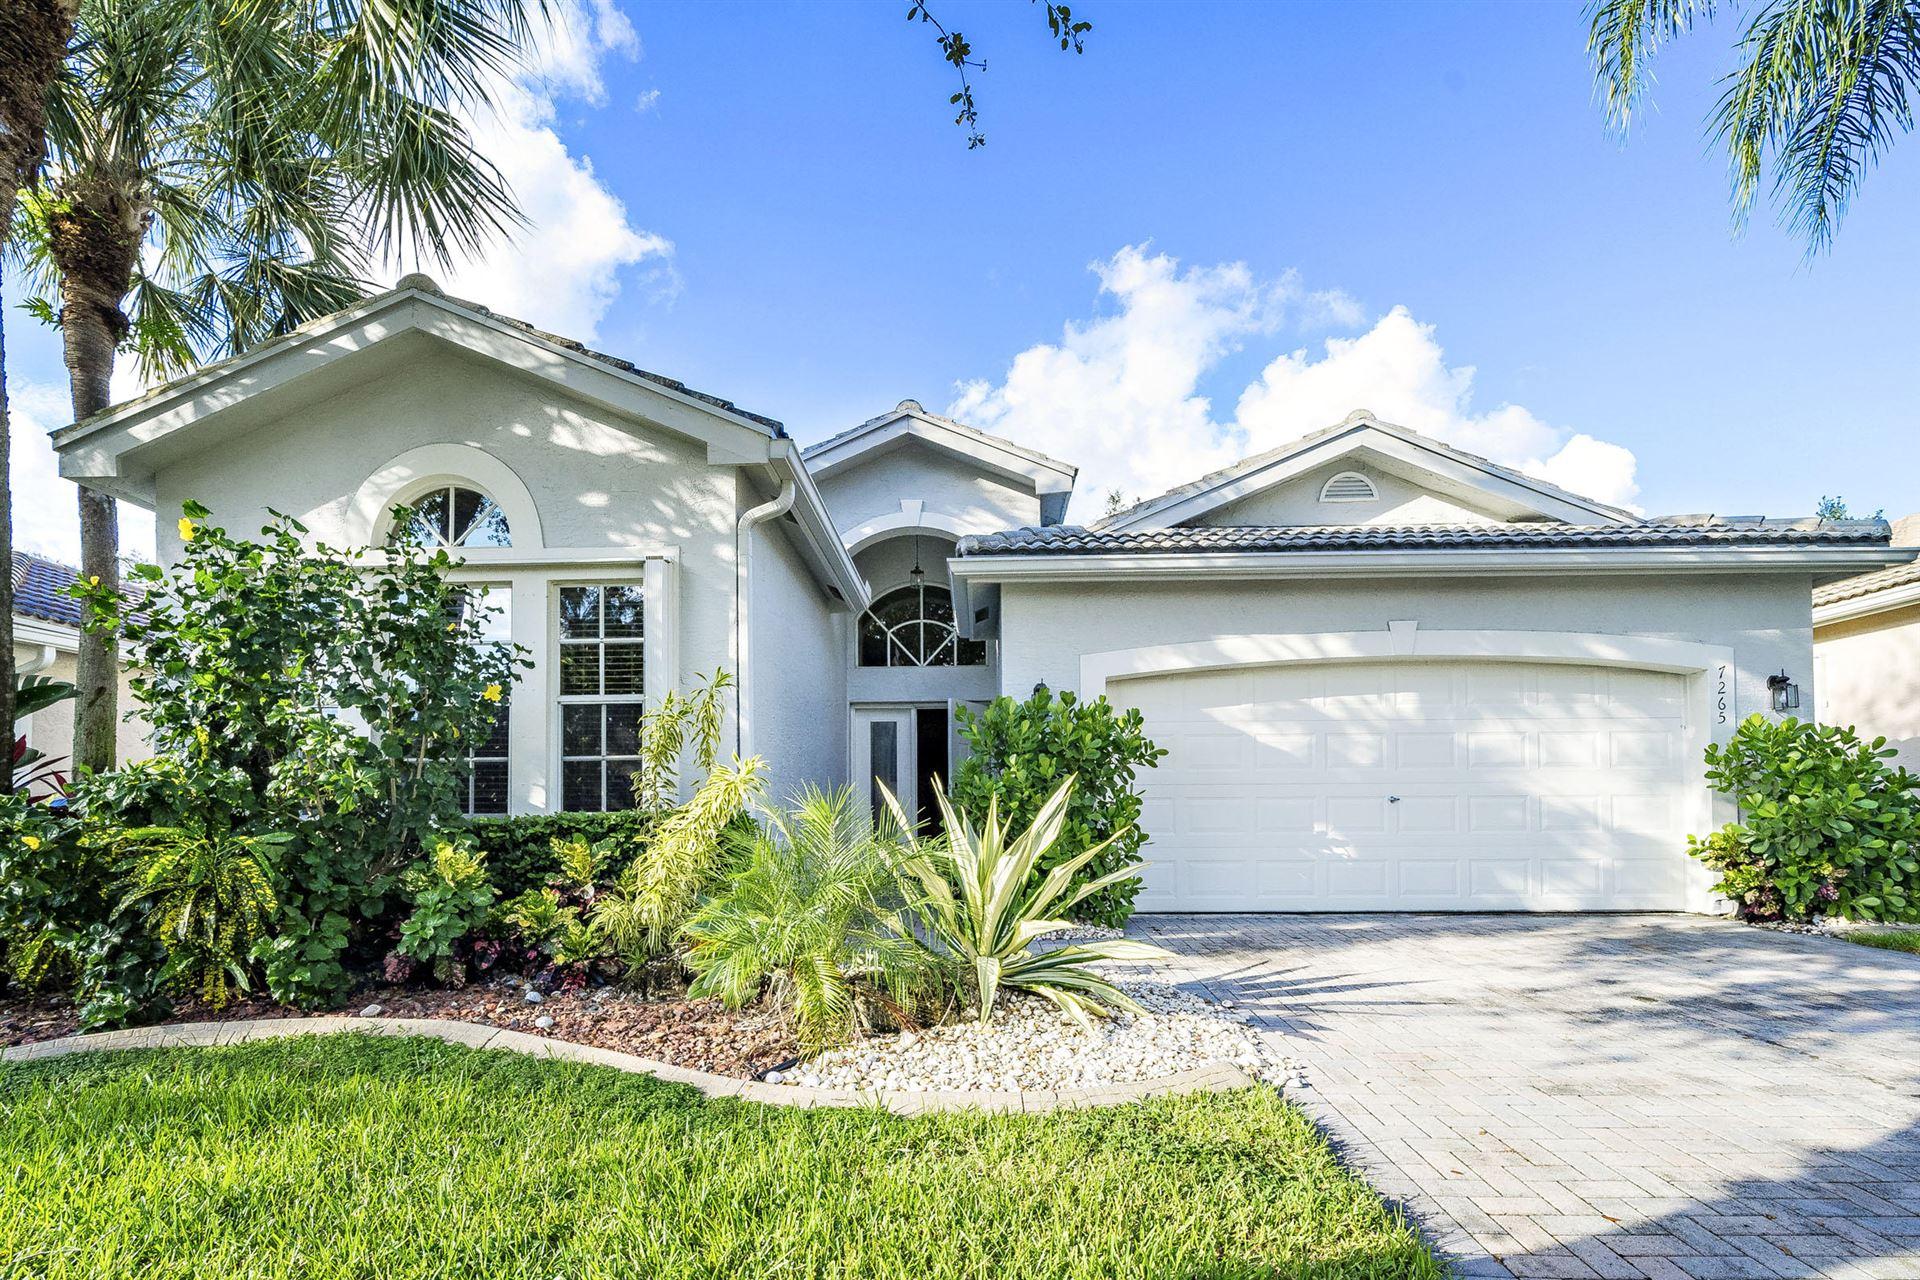 7265 Kea Lani Drive, Boynton Beach, FL 33437 - #: RX-10657435